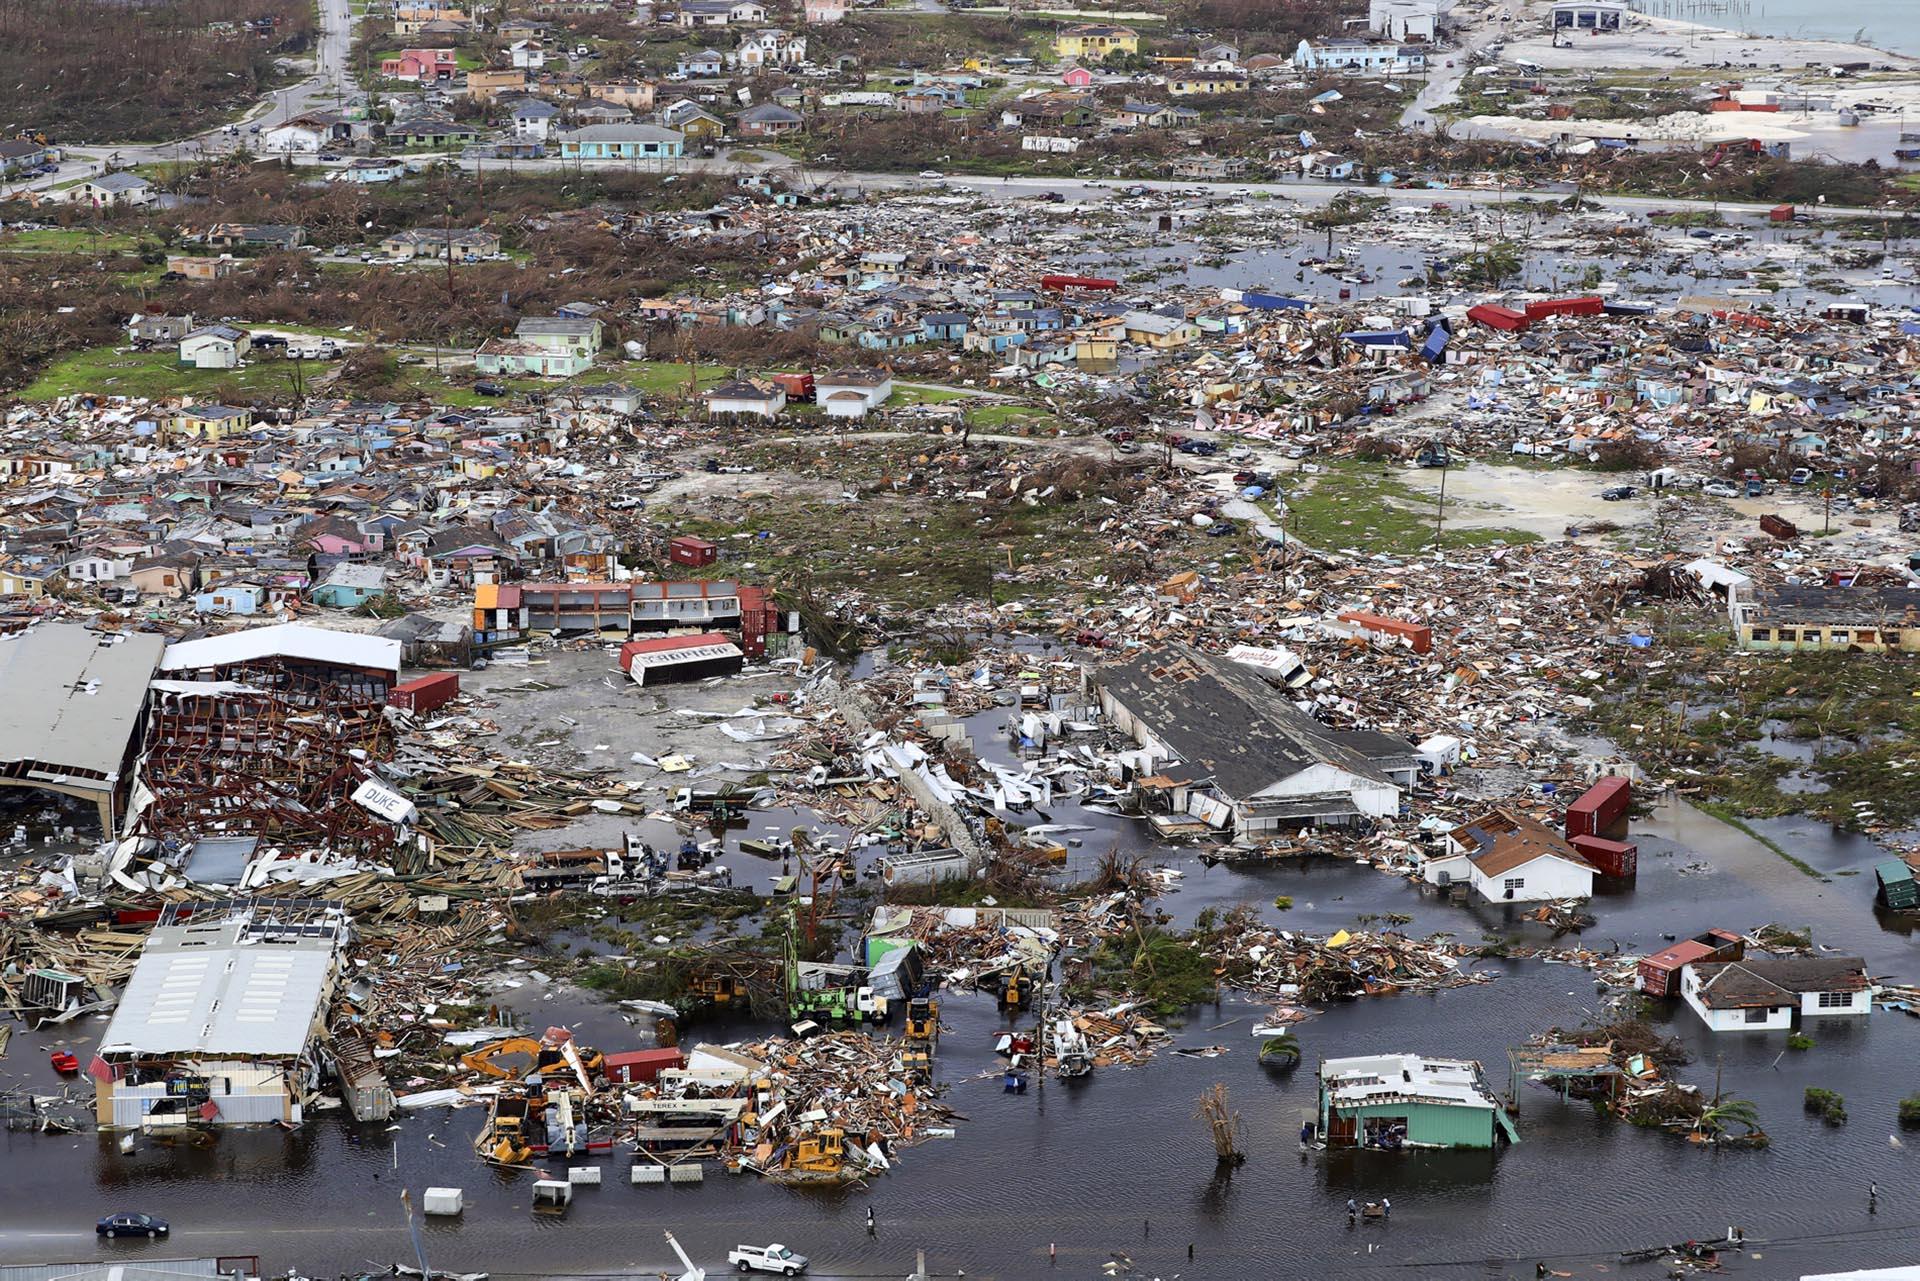 Una fotografía aérea entregada por el Ministerio de Defensa del Reino Unido (MOD) muestra escombros y destrucción tras el huracán Dorian en la isla Ábaco, en el norte de Bahamas, el 3 de septiembre de 2019 durante una misión de reconocimiento lanzada por personal a bordo RFA Mounts Bay